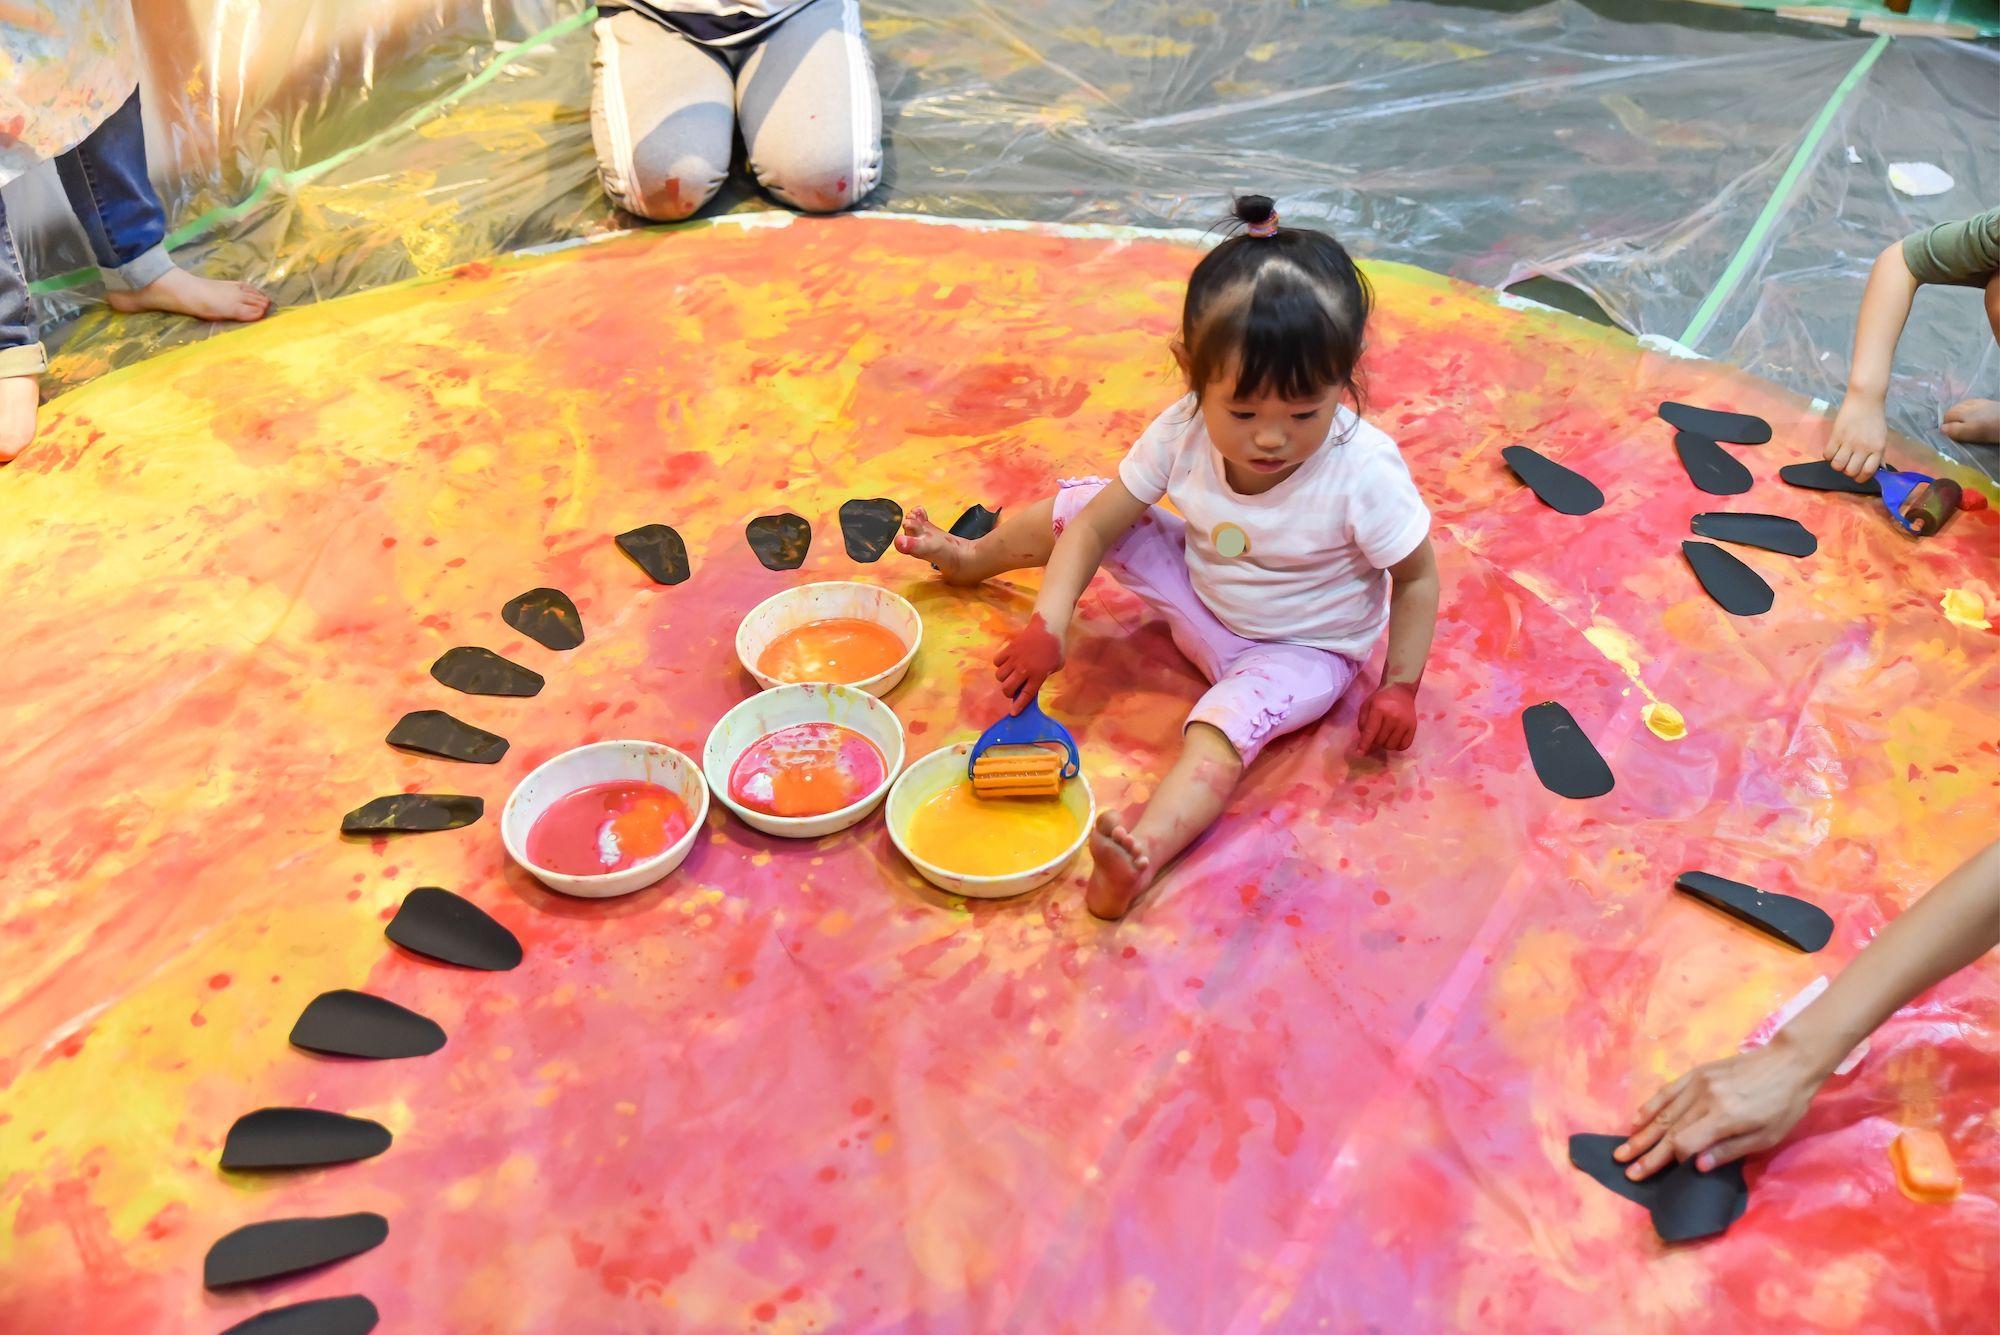 ぐちゃぐちゃ遊びで絵の具遊びを座って遊んでいる女の子